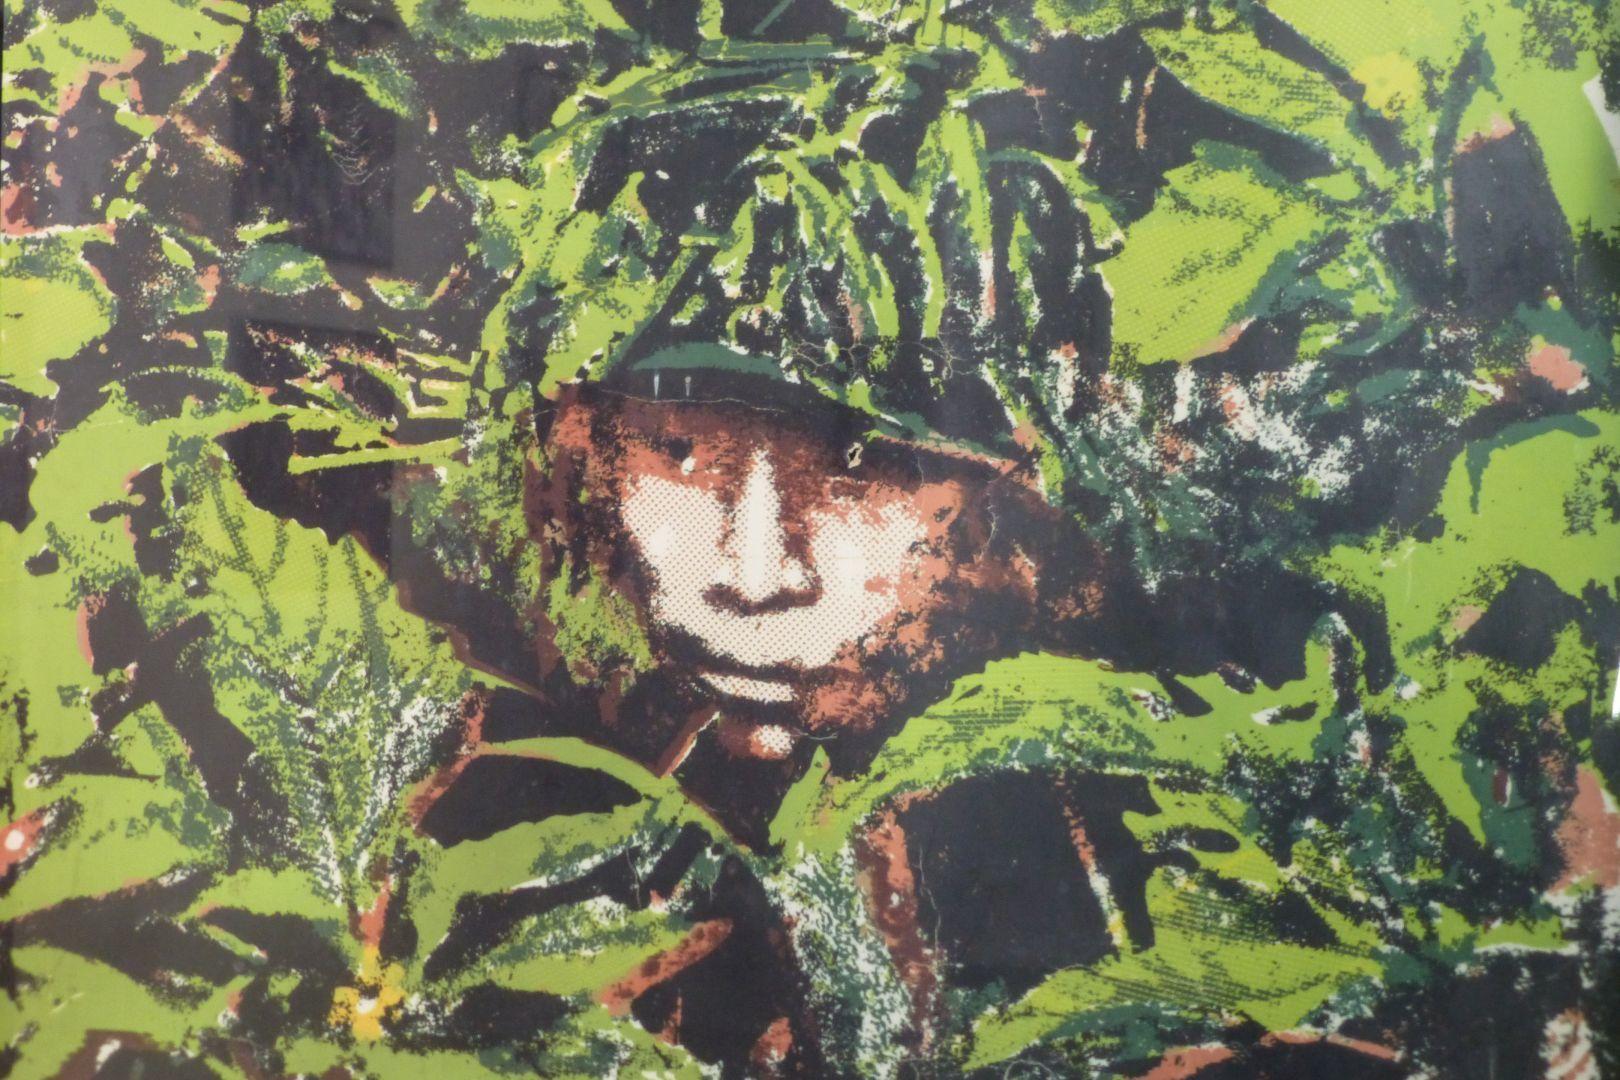 guerrilla en el bosque de morazan